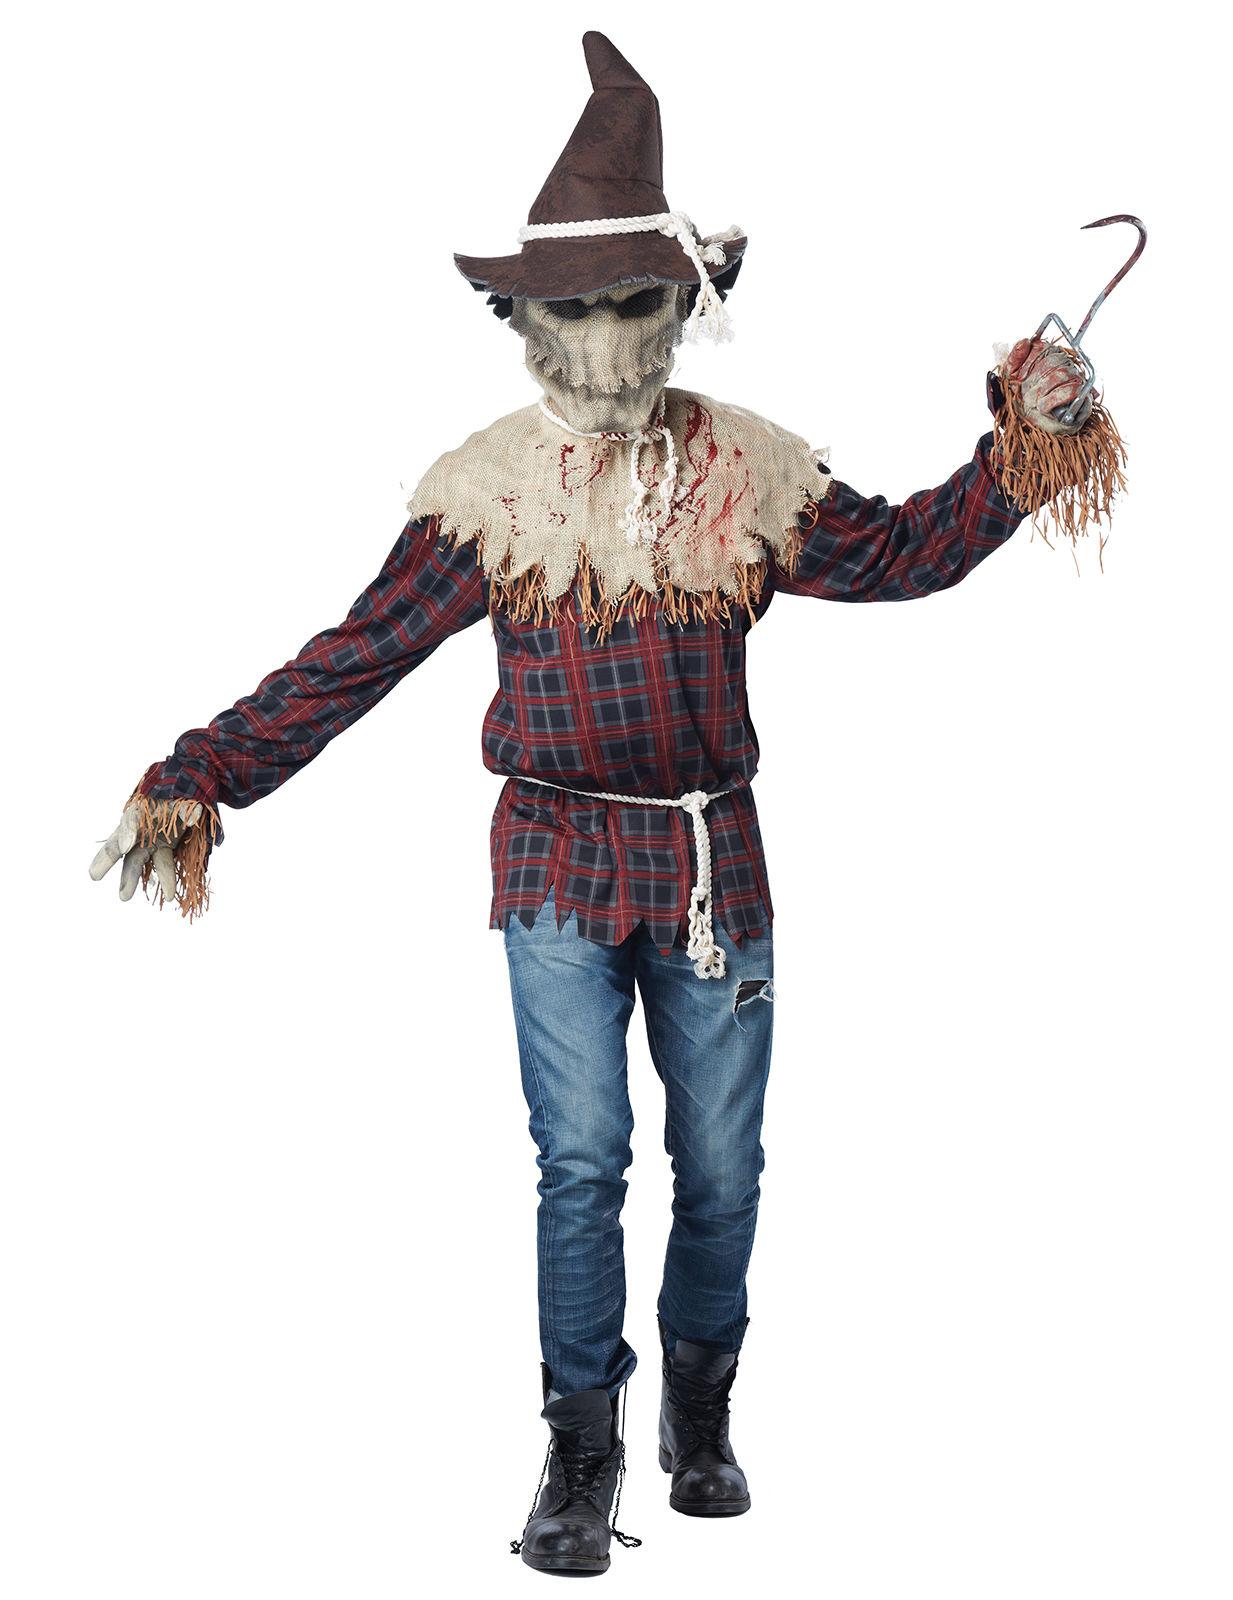 Disfraz espantapjaros hombre Disfraces adultosy disfraces